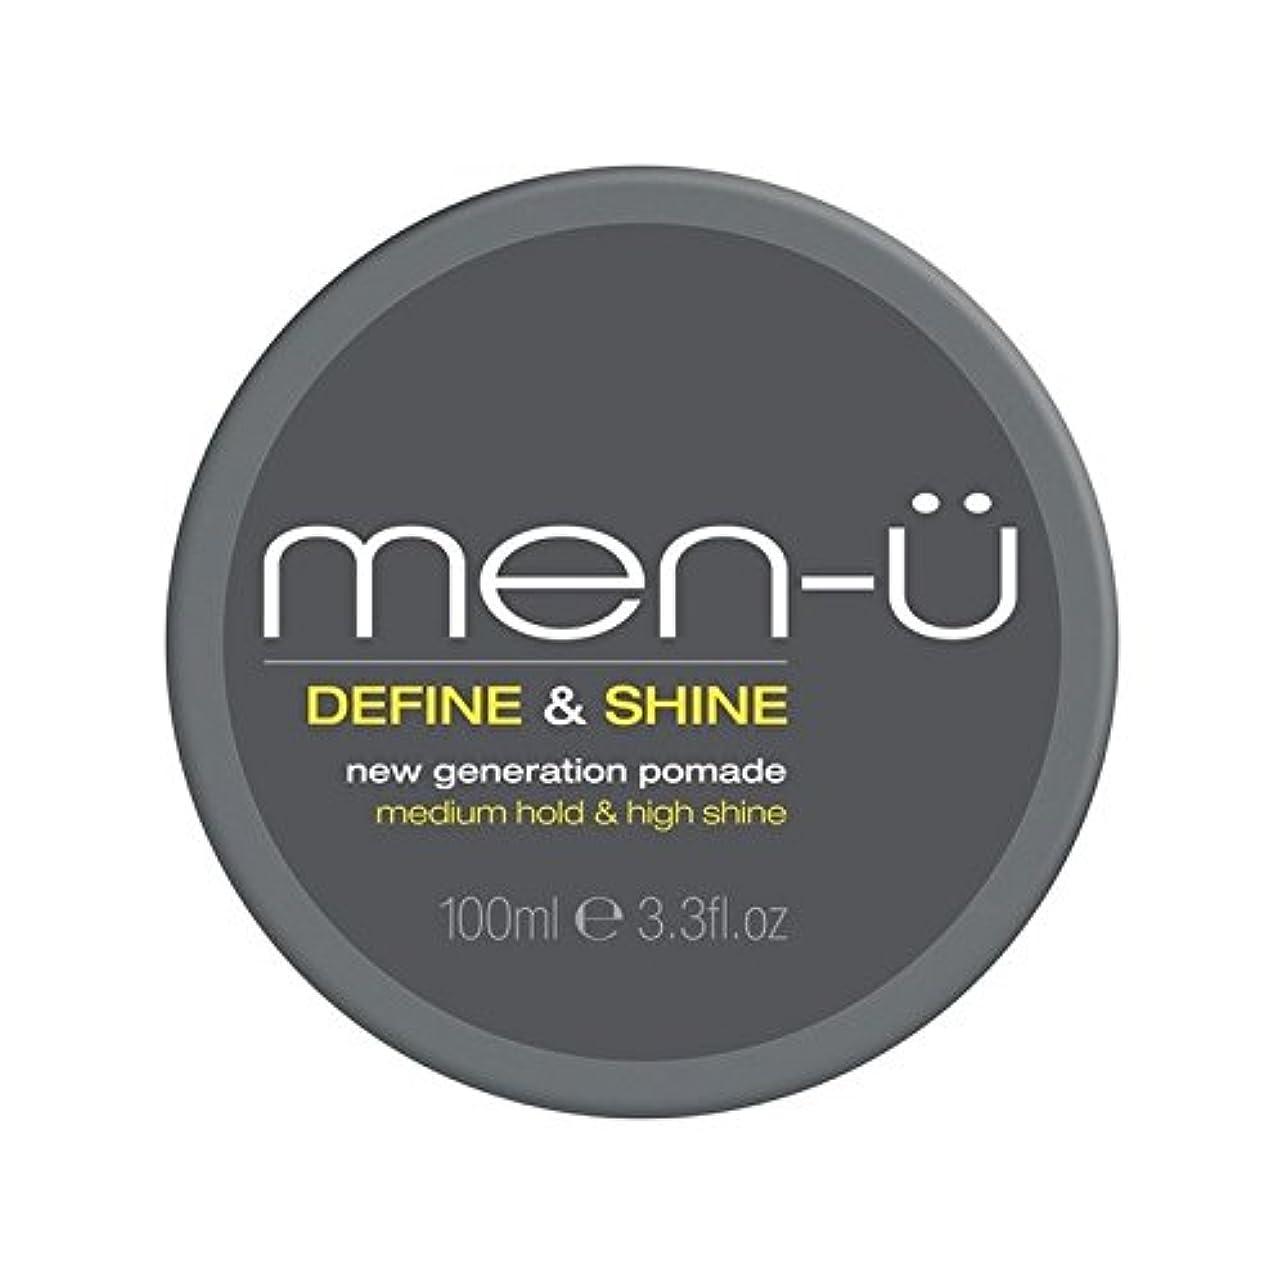 法令石油ドキュメンタリーMen-? Men's Define And Shine Pomade (100ml) (Pack of 6) - 男性-メンズは定義し、輝きのポマード(100ミリリットル) x6 [並行輸入品]